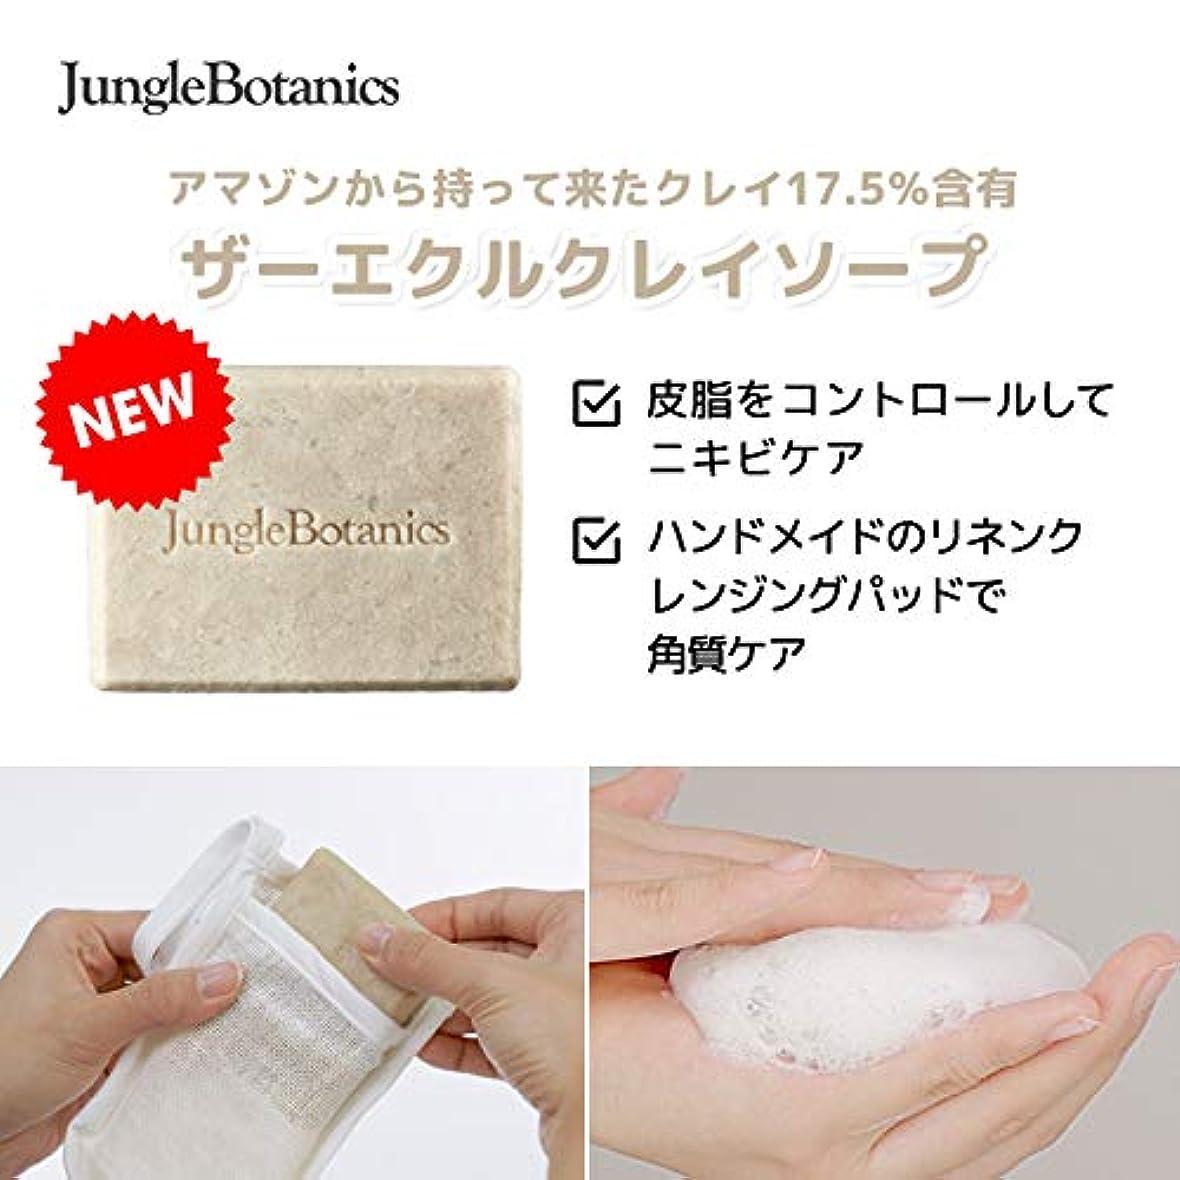 符号読書をする報いる[JUNGLE BOTANICS] ザーエクルクレイソープ110g, [JUNGLE BOTANICS] The Ecru Clay Soap 110g [並行輸入品] …